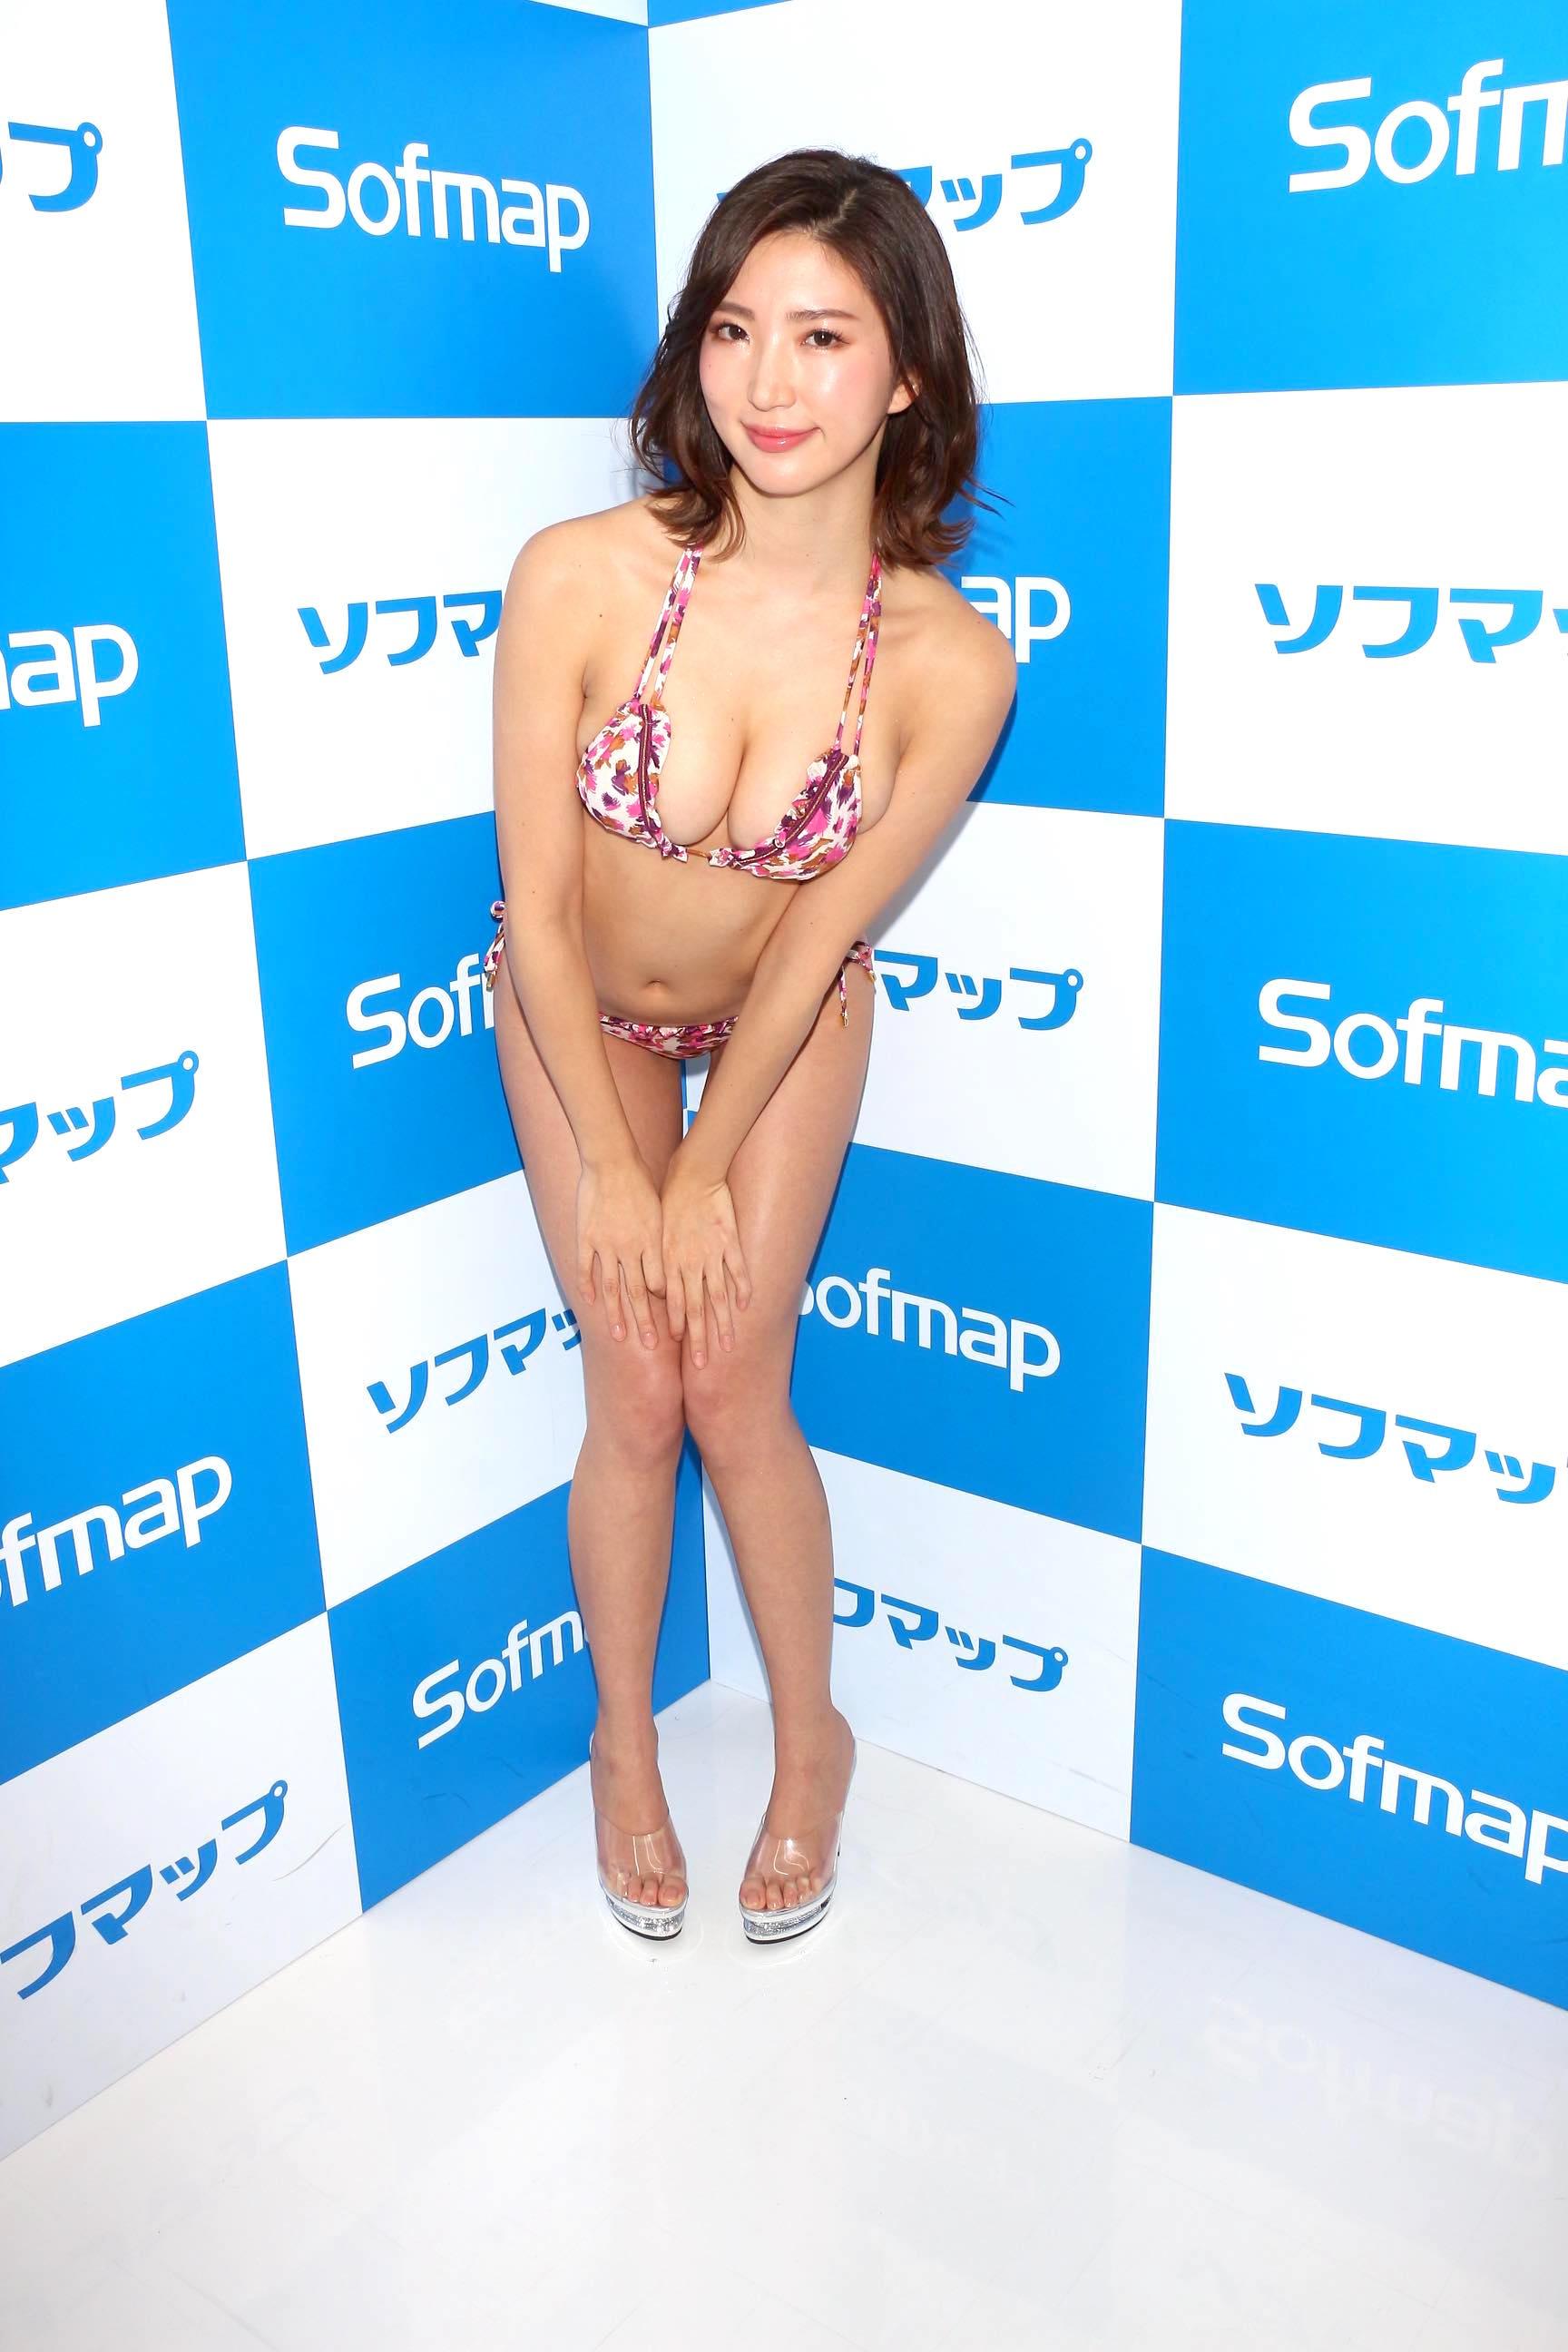 松嶋えいみ「ニップレスがはがれる」赤面ハプニングを大胆告白【写真21枚】の画像010